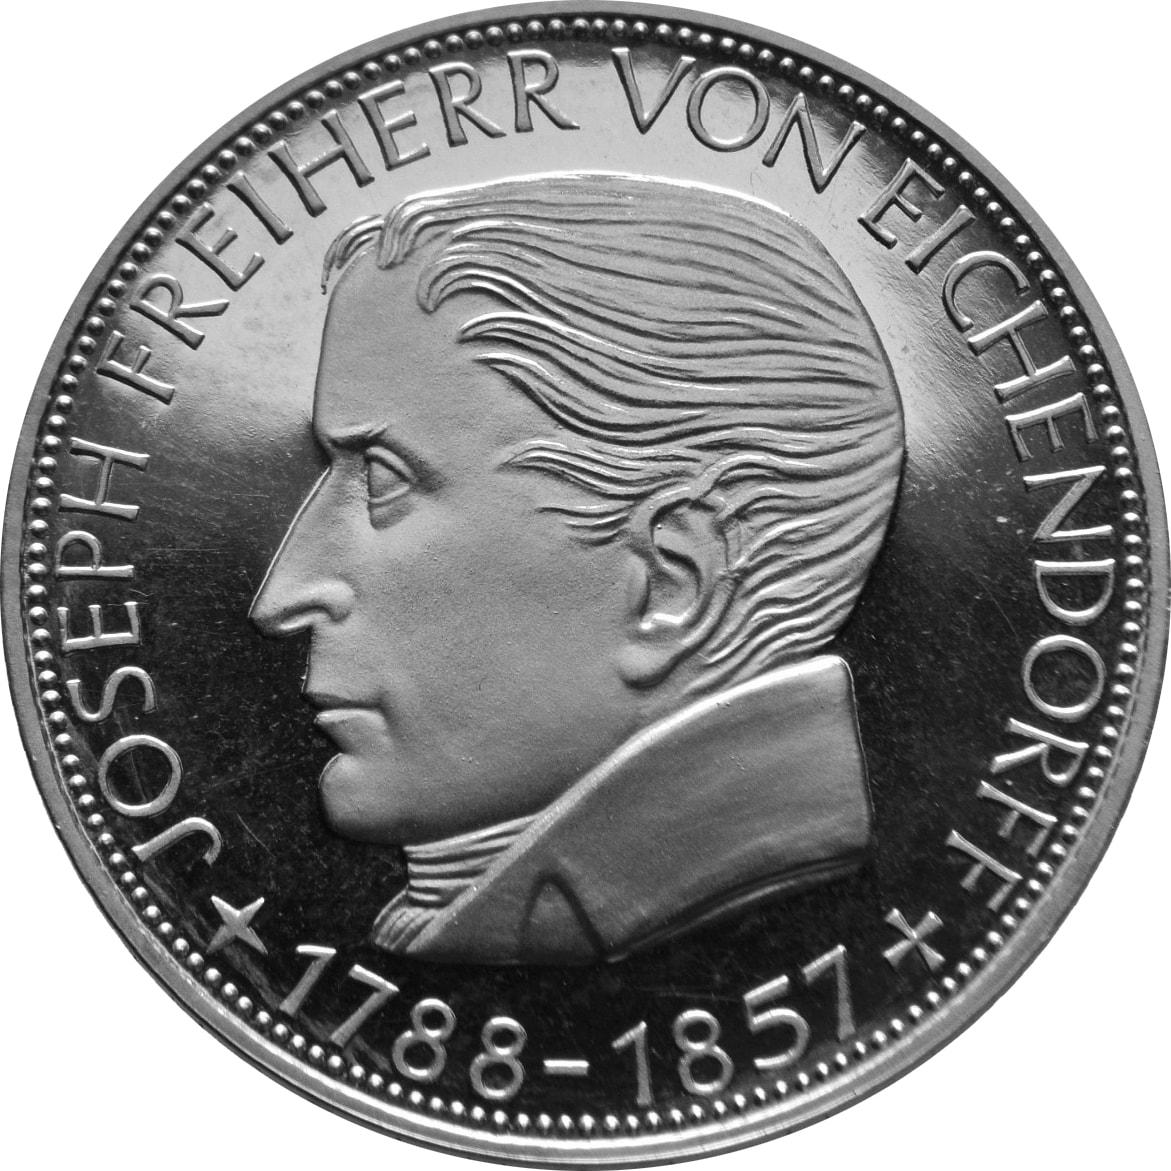 Freiherr von Eichendorff Gedenkmünze - Vorderseite